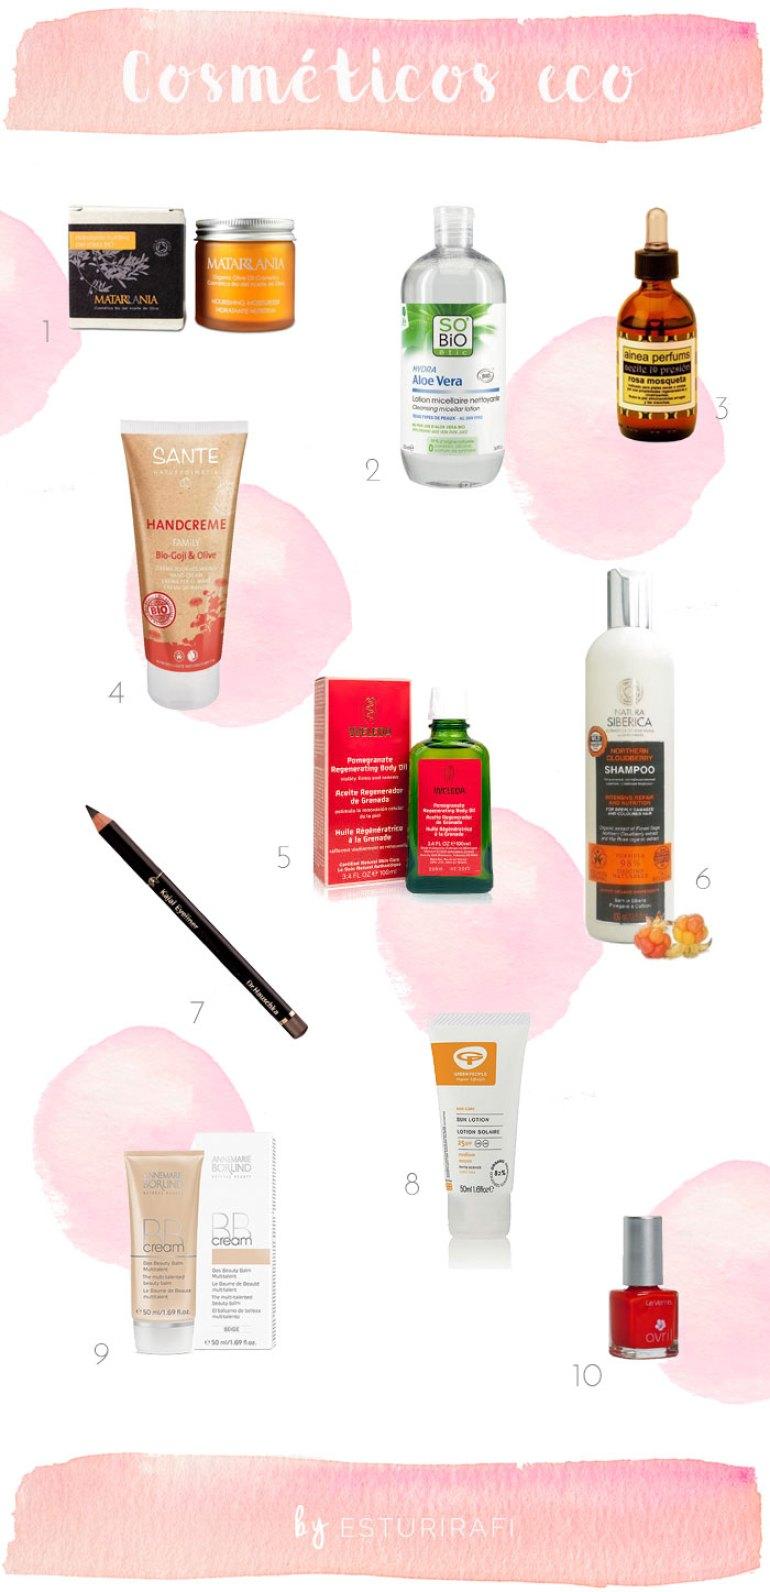 Nuestros cosméticos ecológicos